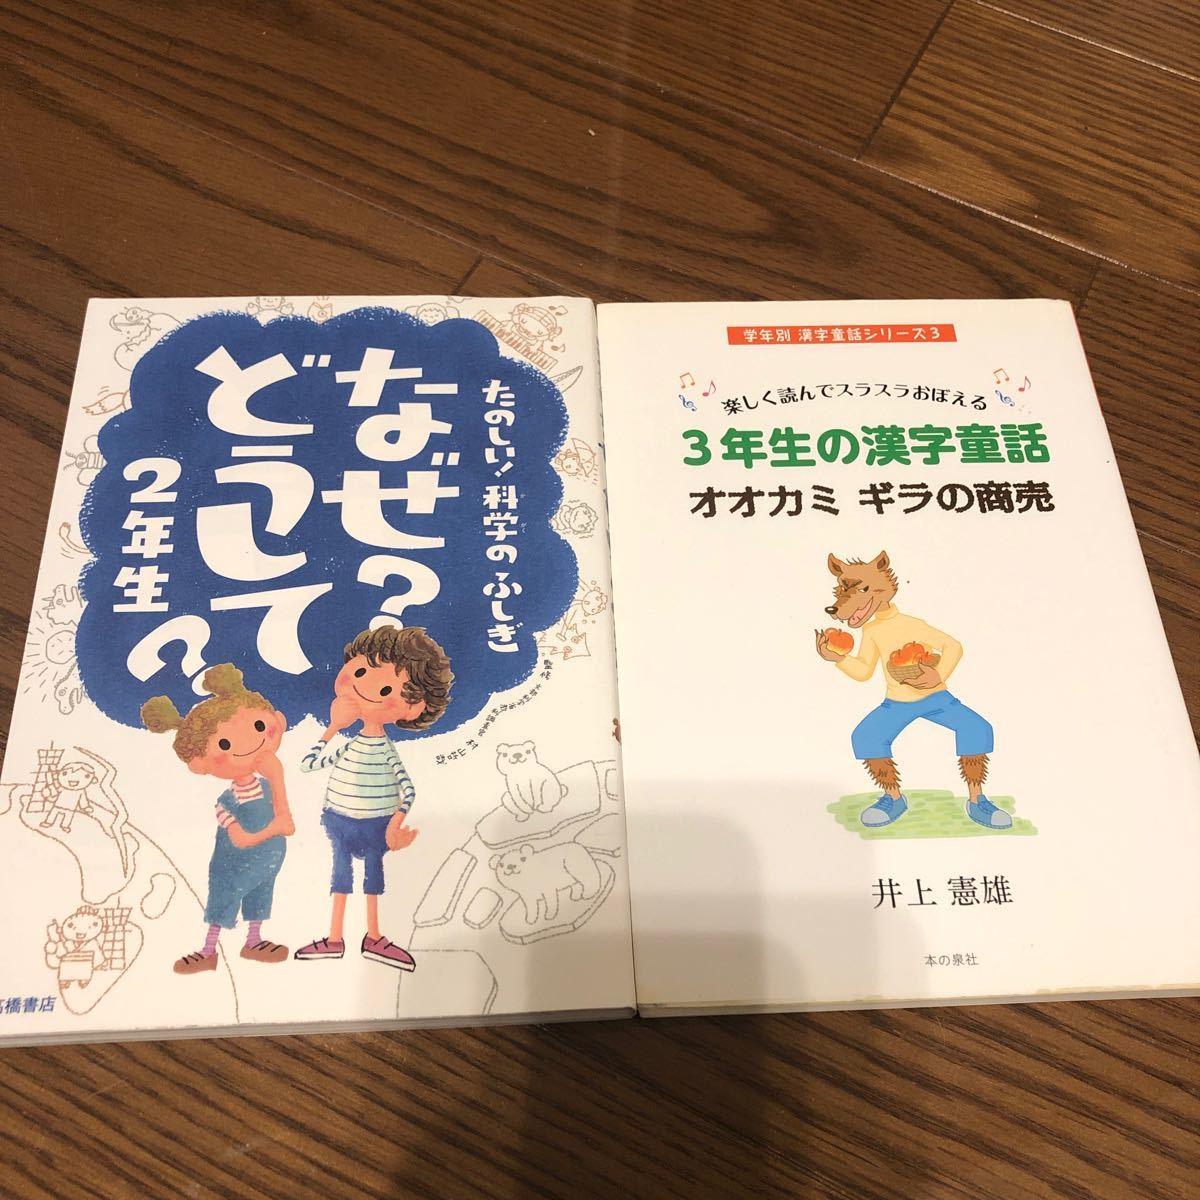 未使用!たのしい! 科学のふしぎ なぜ?どうして? 2年生 (楽しく学べるシリーズ & 3年生の漢字童話オオカミギラの商売  2冊